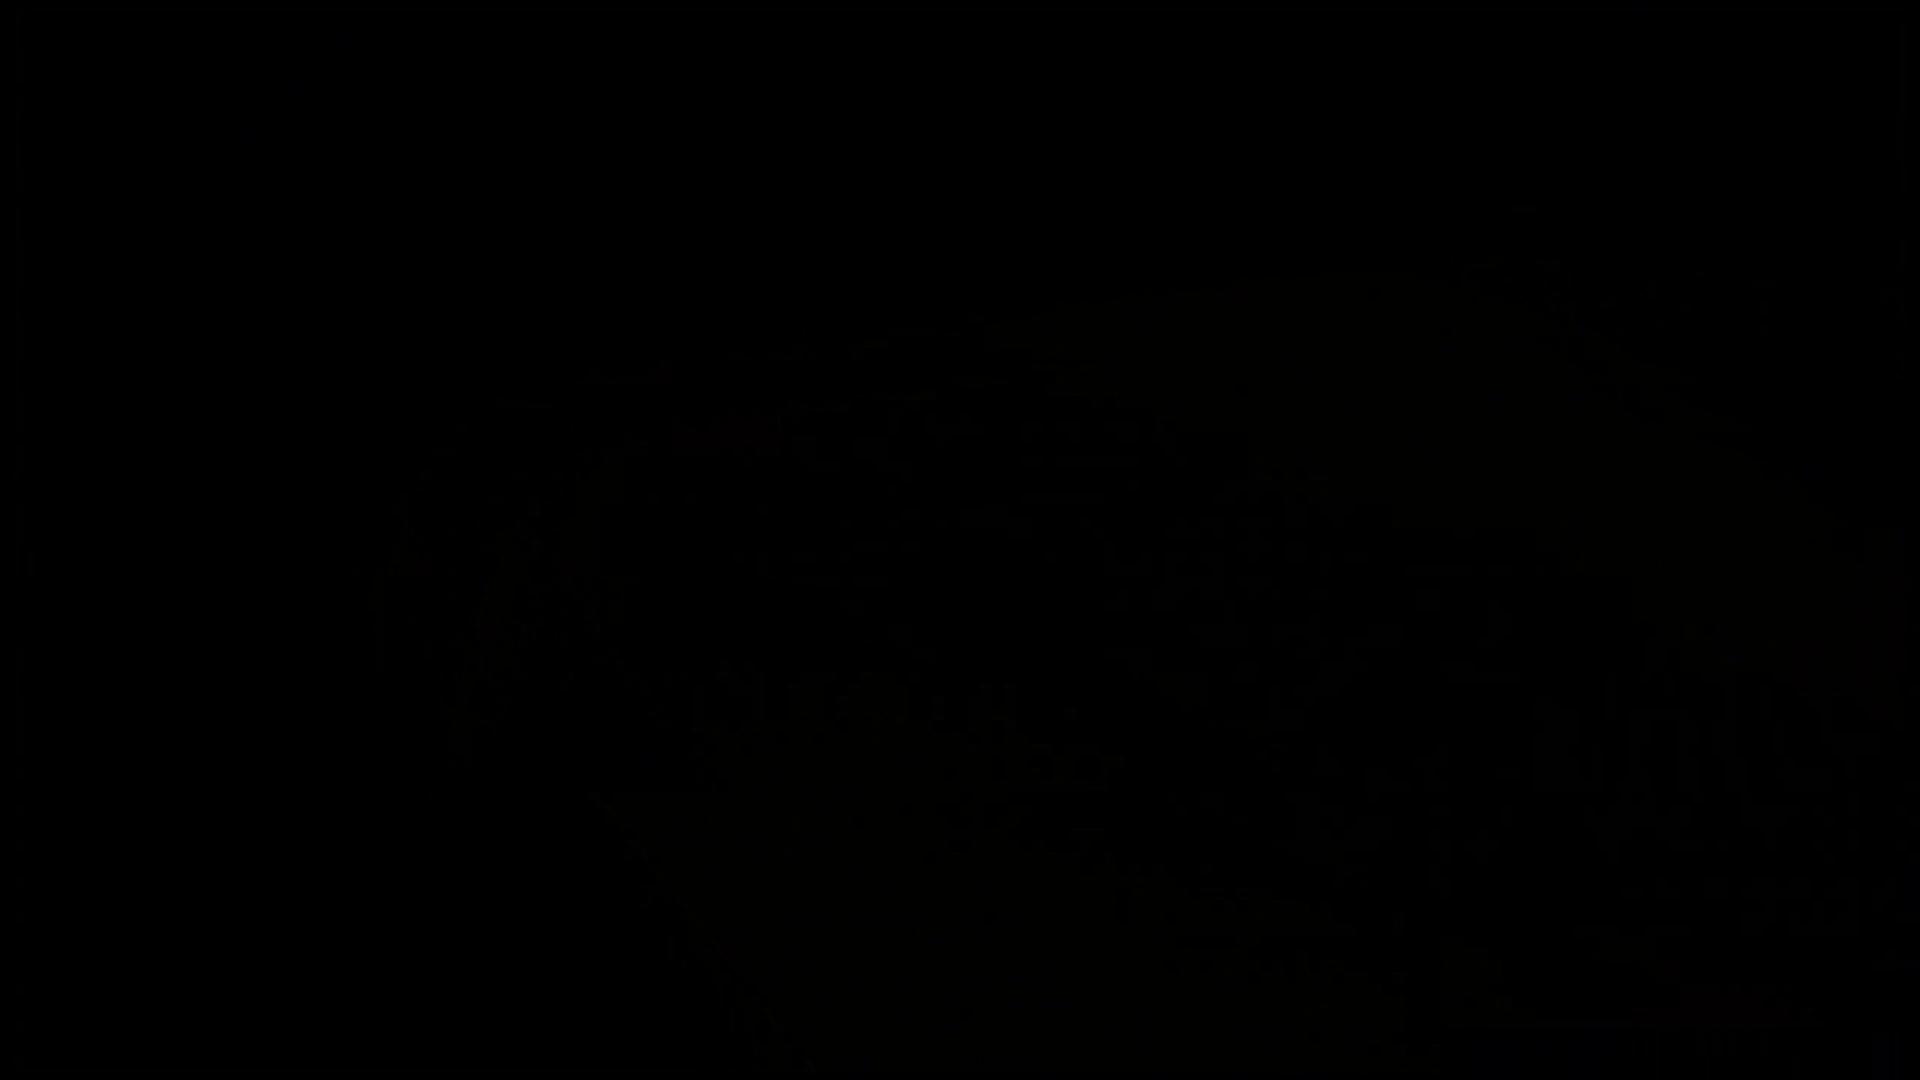 和式にまたがる女たちを待ちうけるカメラの衝撃映像vol.01 厠 | 接写  101pic 61